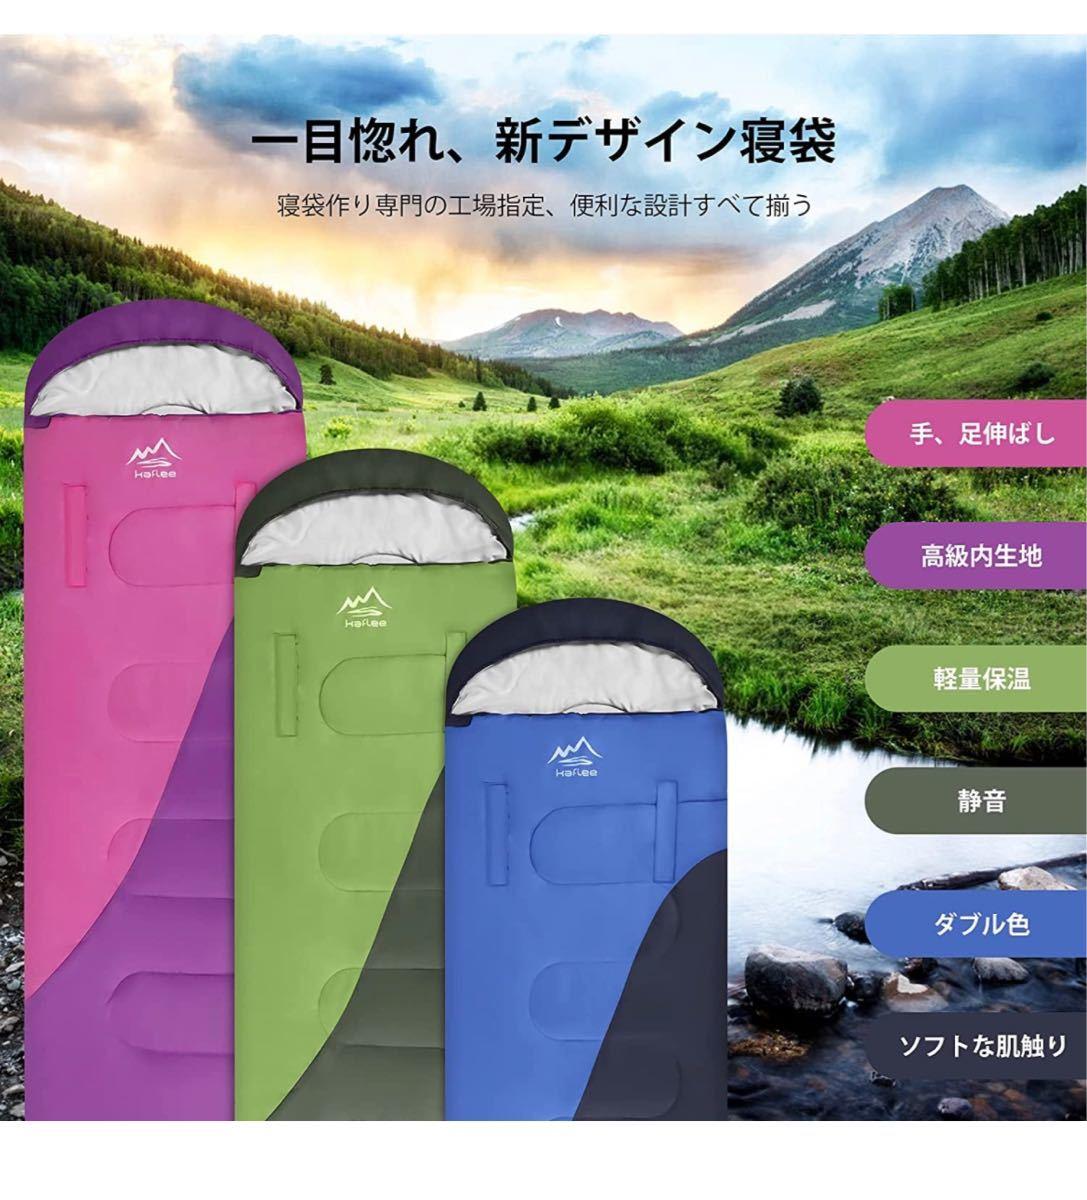 シュラフ 寝袋 封筒型 保温 軽量 防水コンパクト